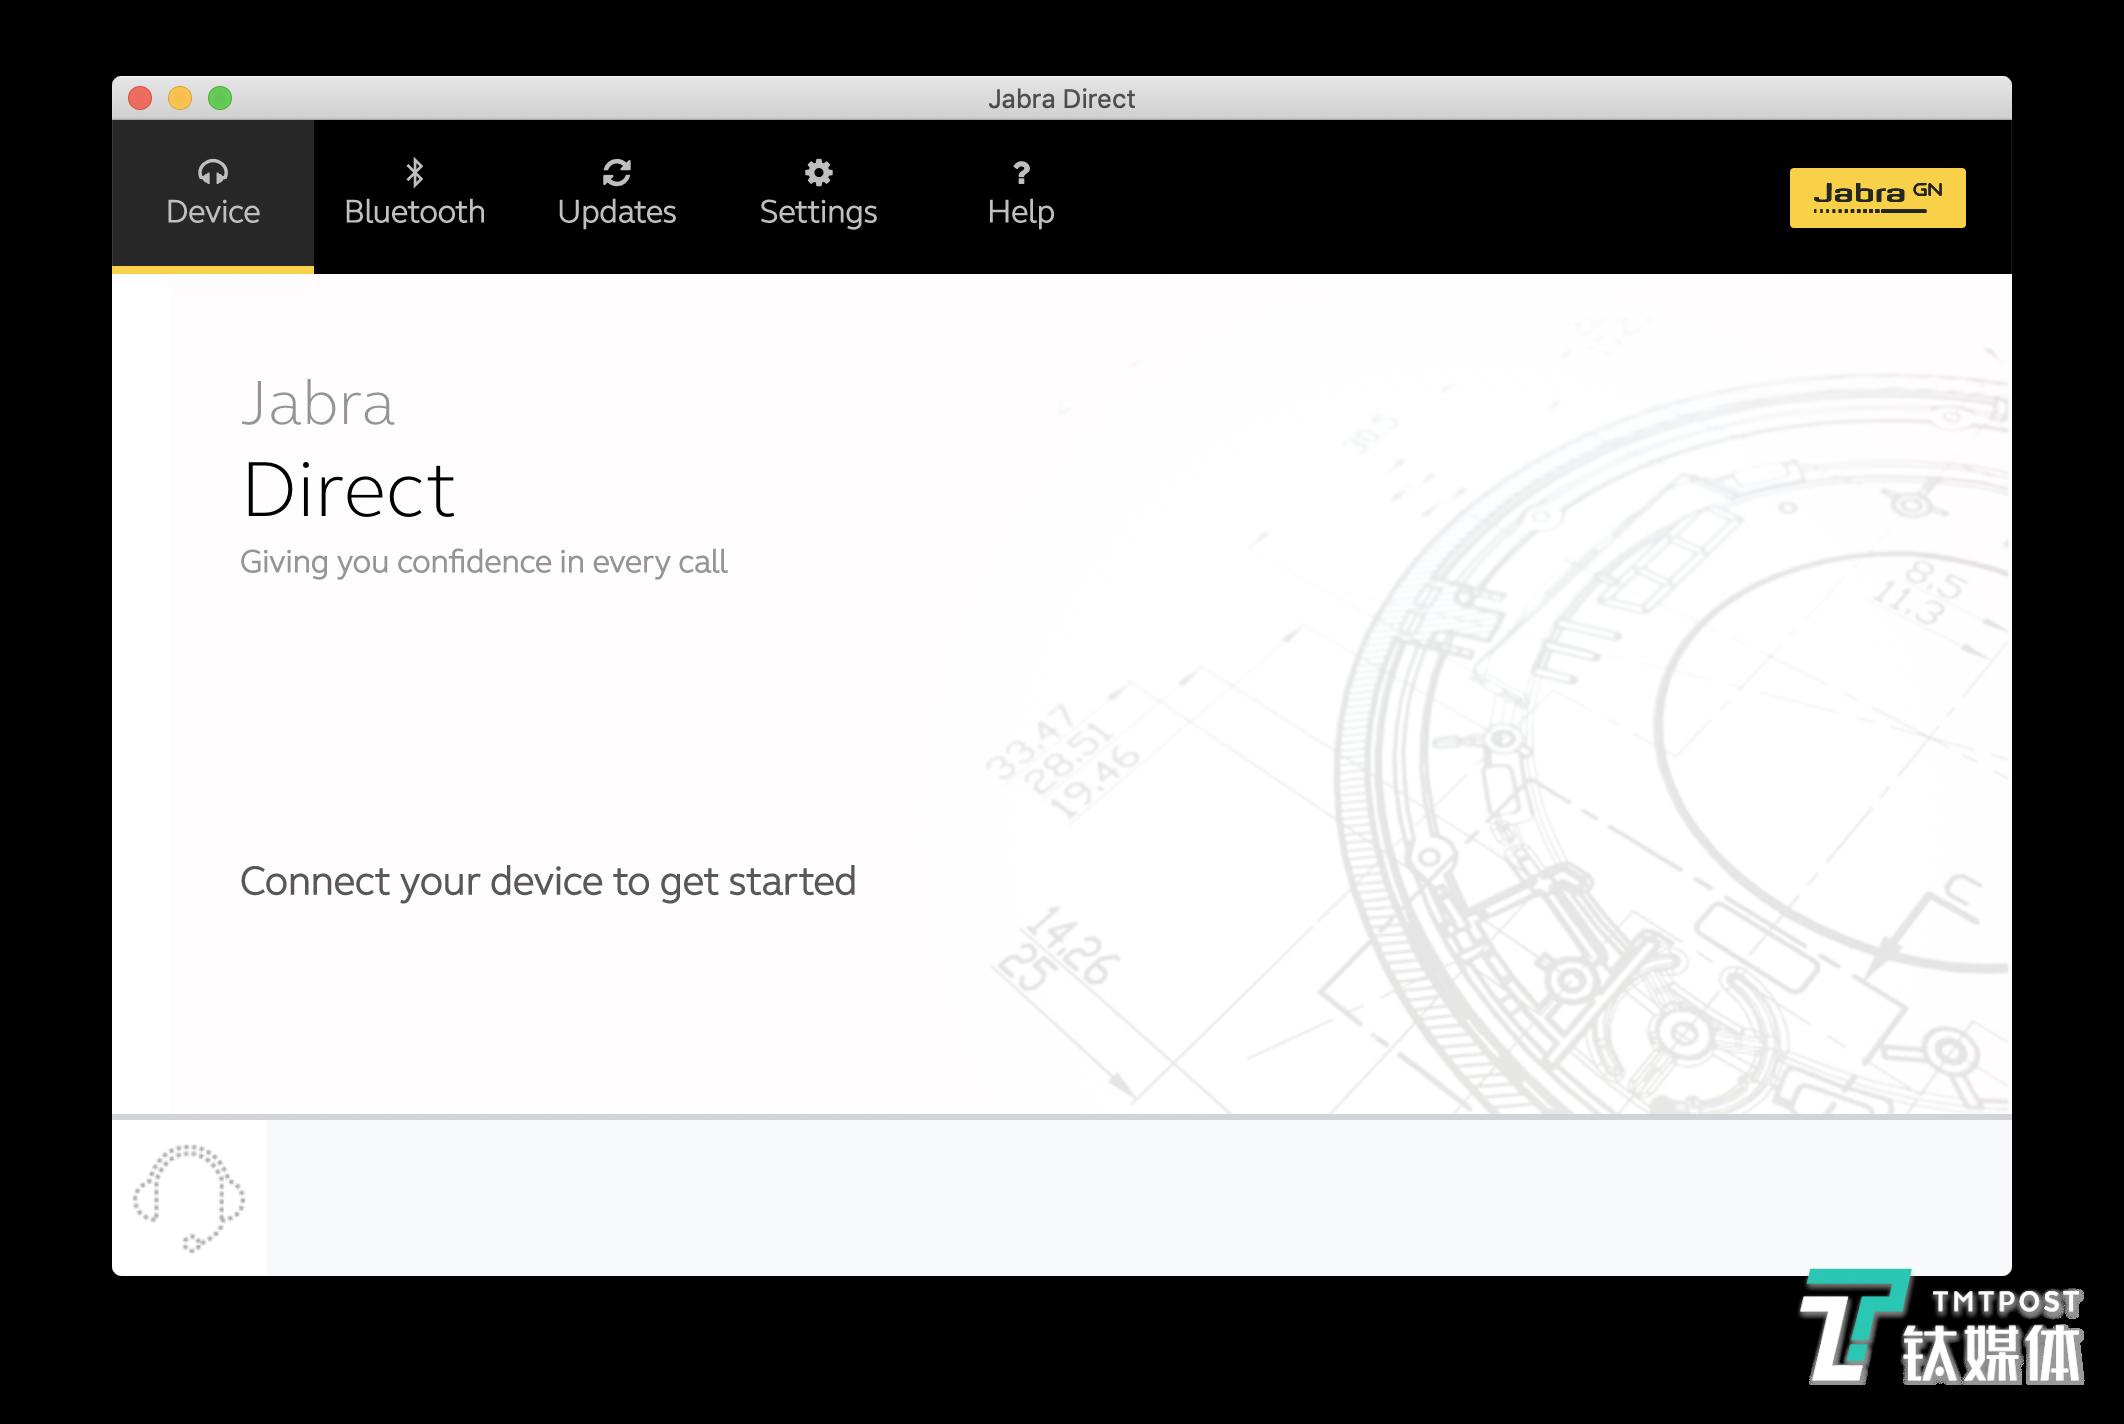 Jabra Direct Link